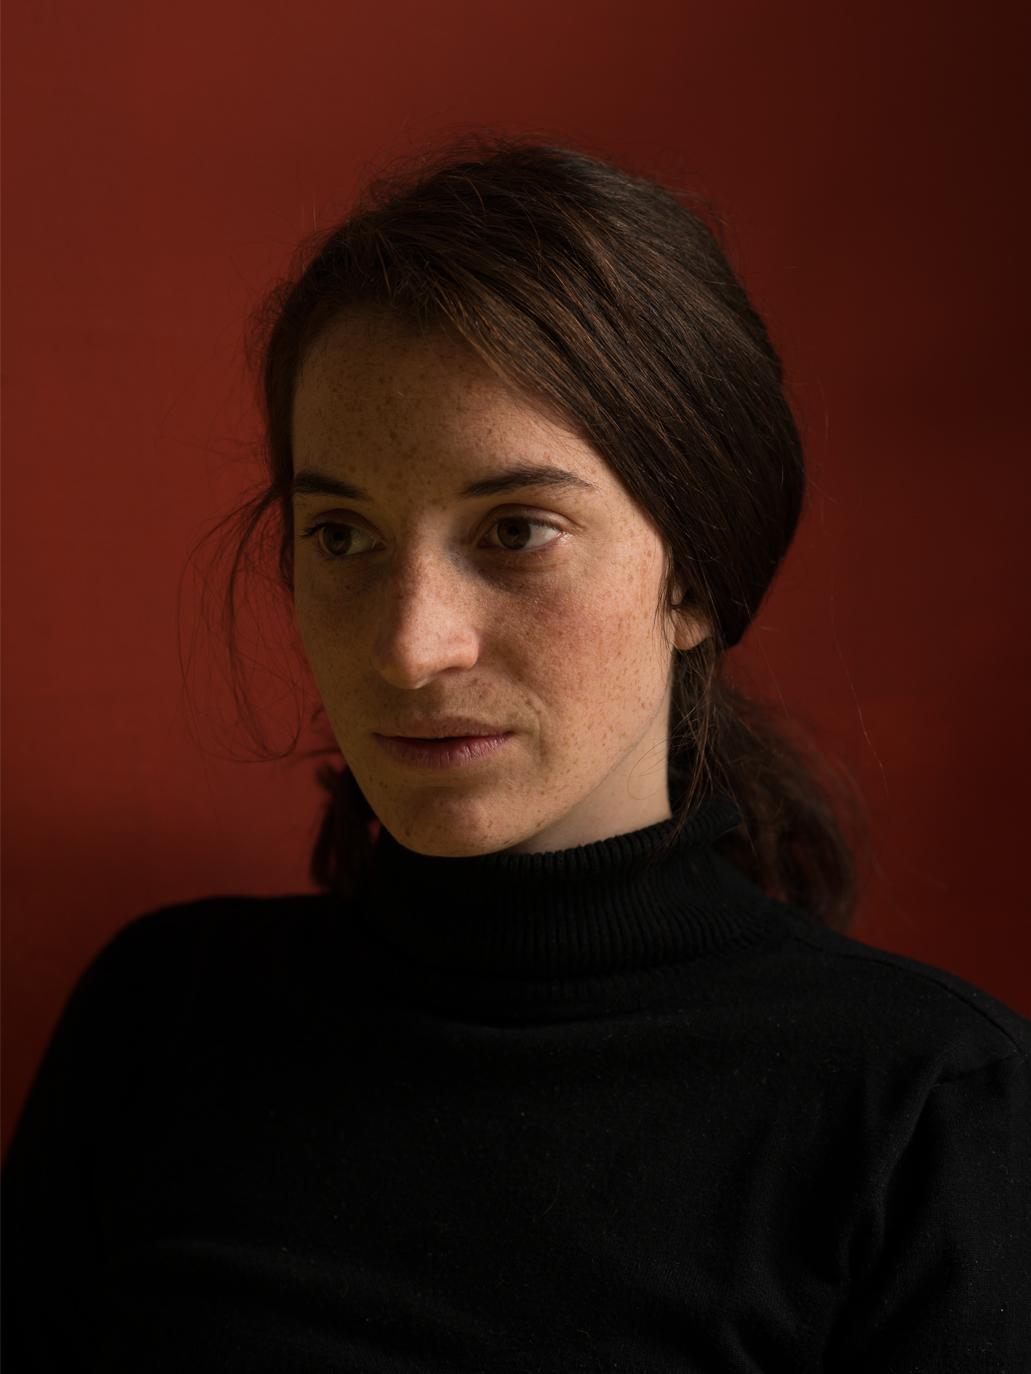 Estelle, 2016